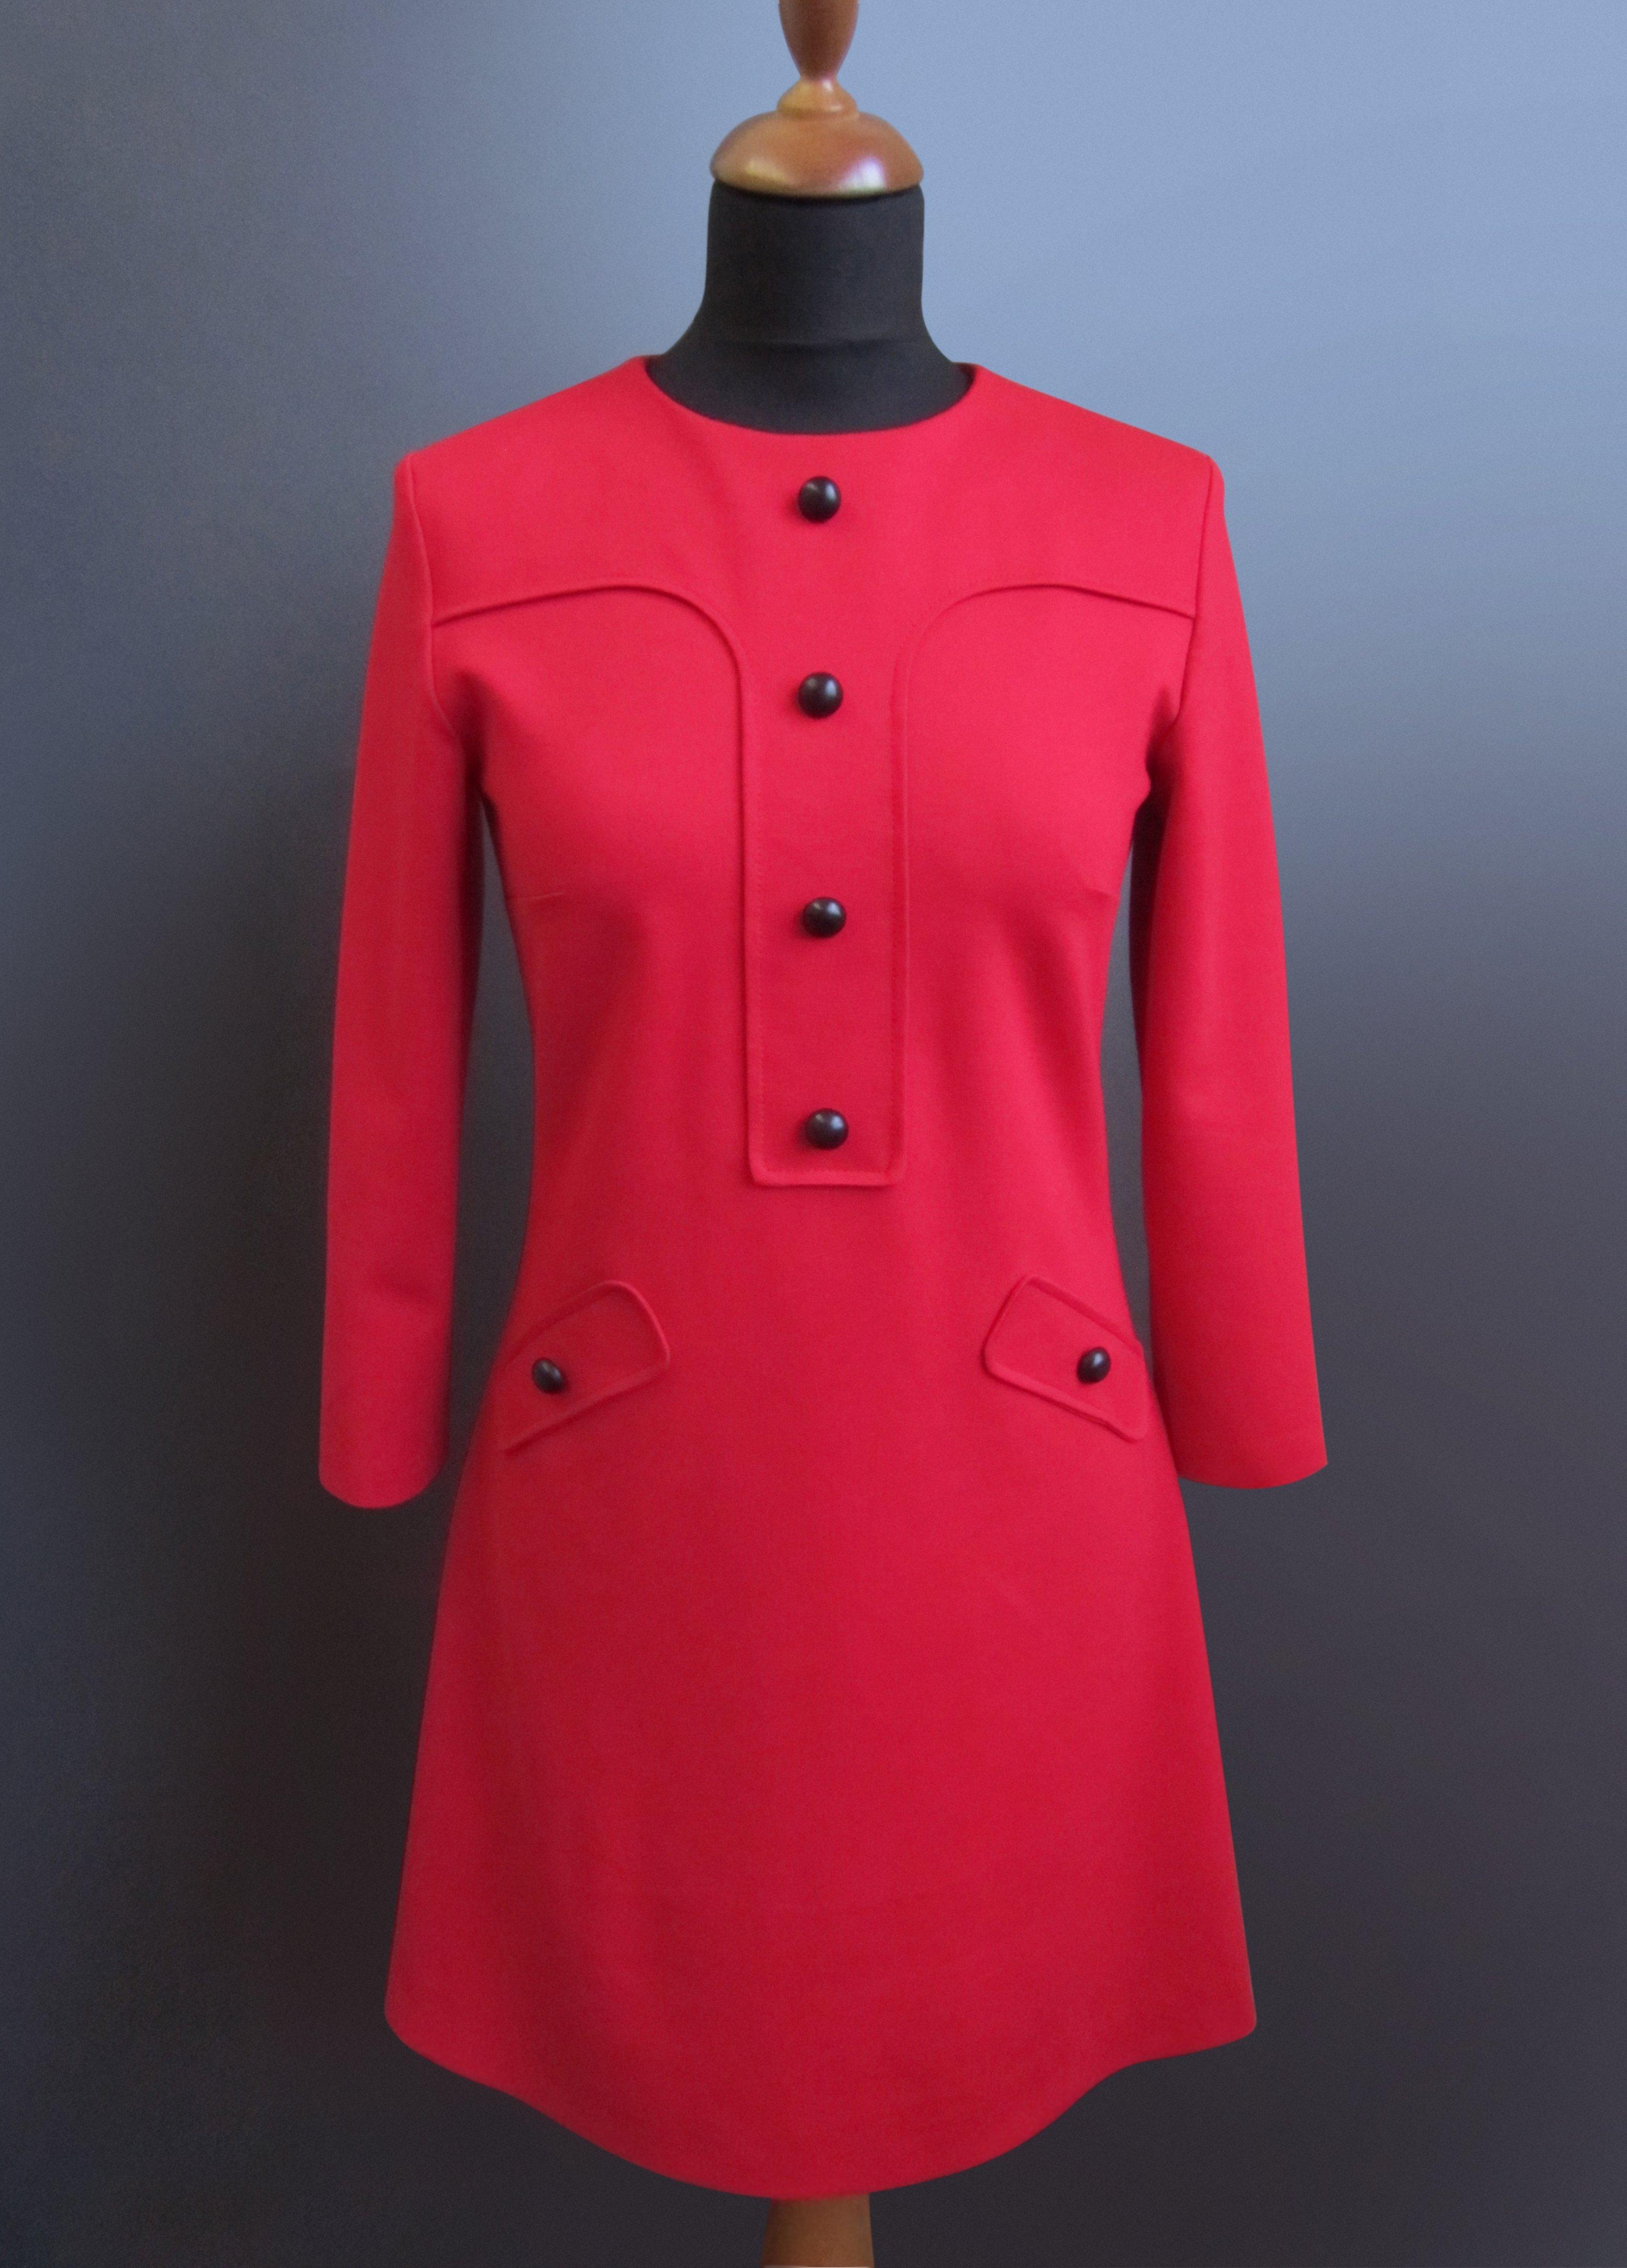 Nähanleitung und Schnittmuster für ein rotes Kleid